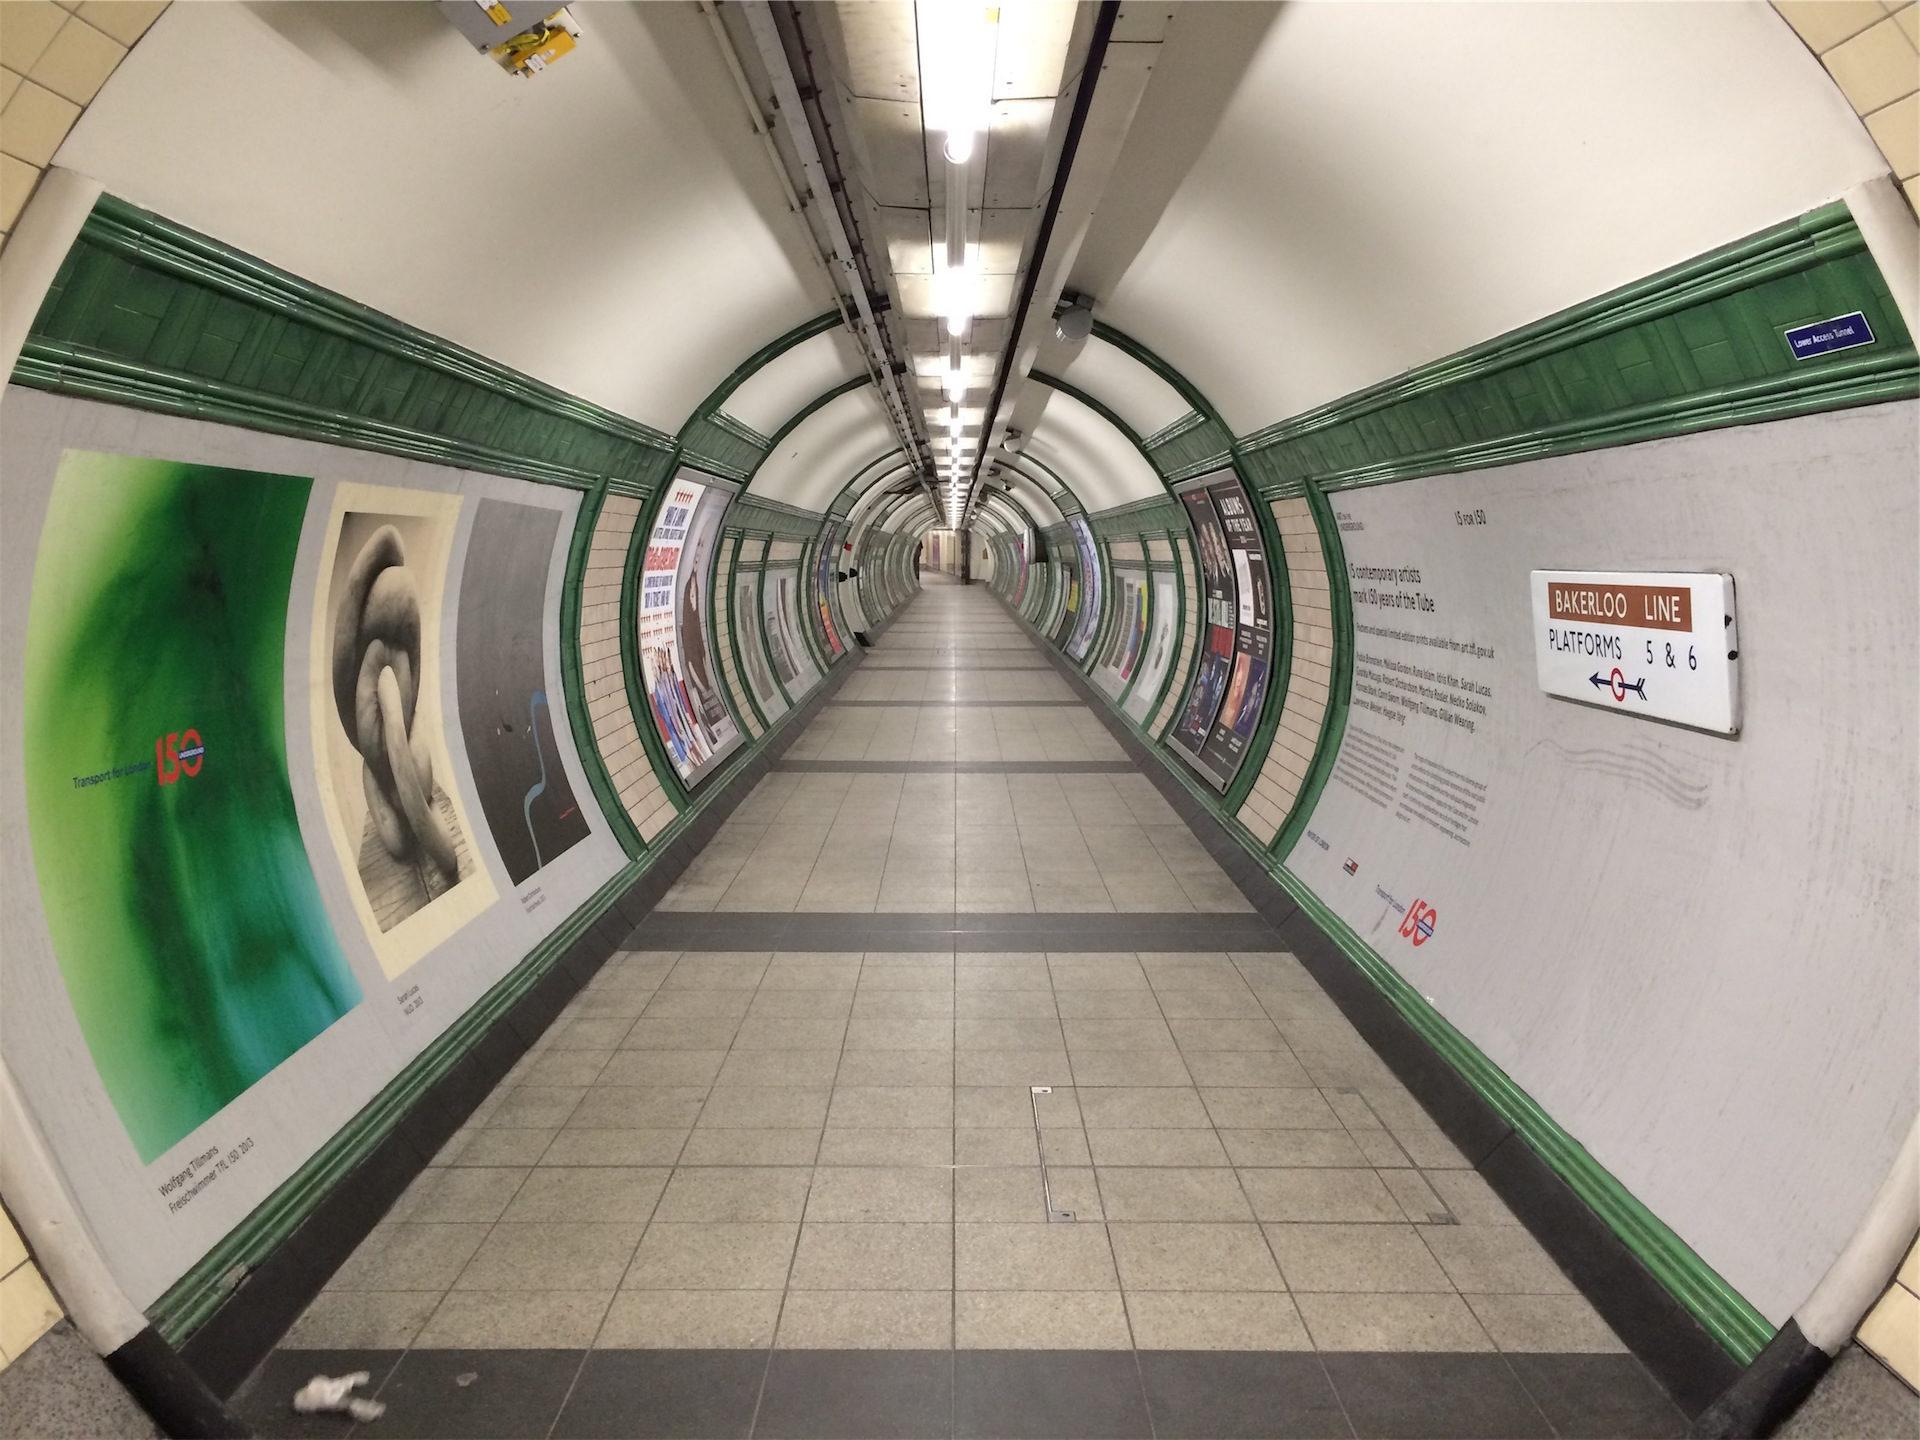 Μετρό, Σταθμός, suburbano, Soledad, vacío - Wallpapers HD - Professor-falken.com